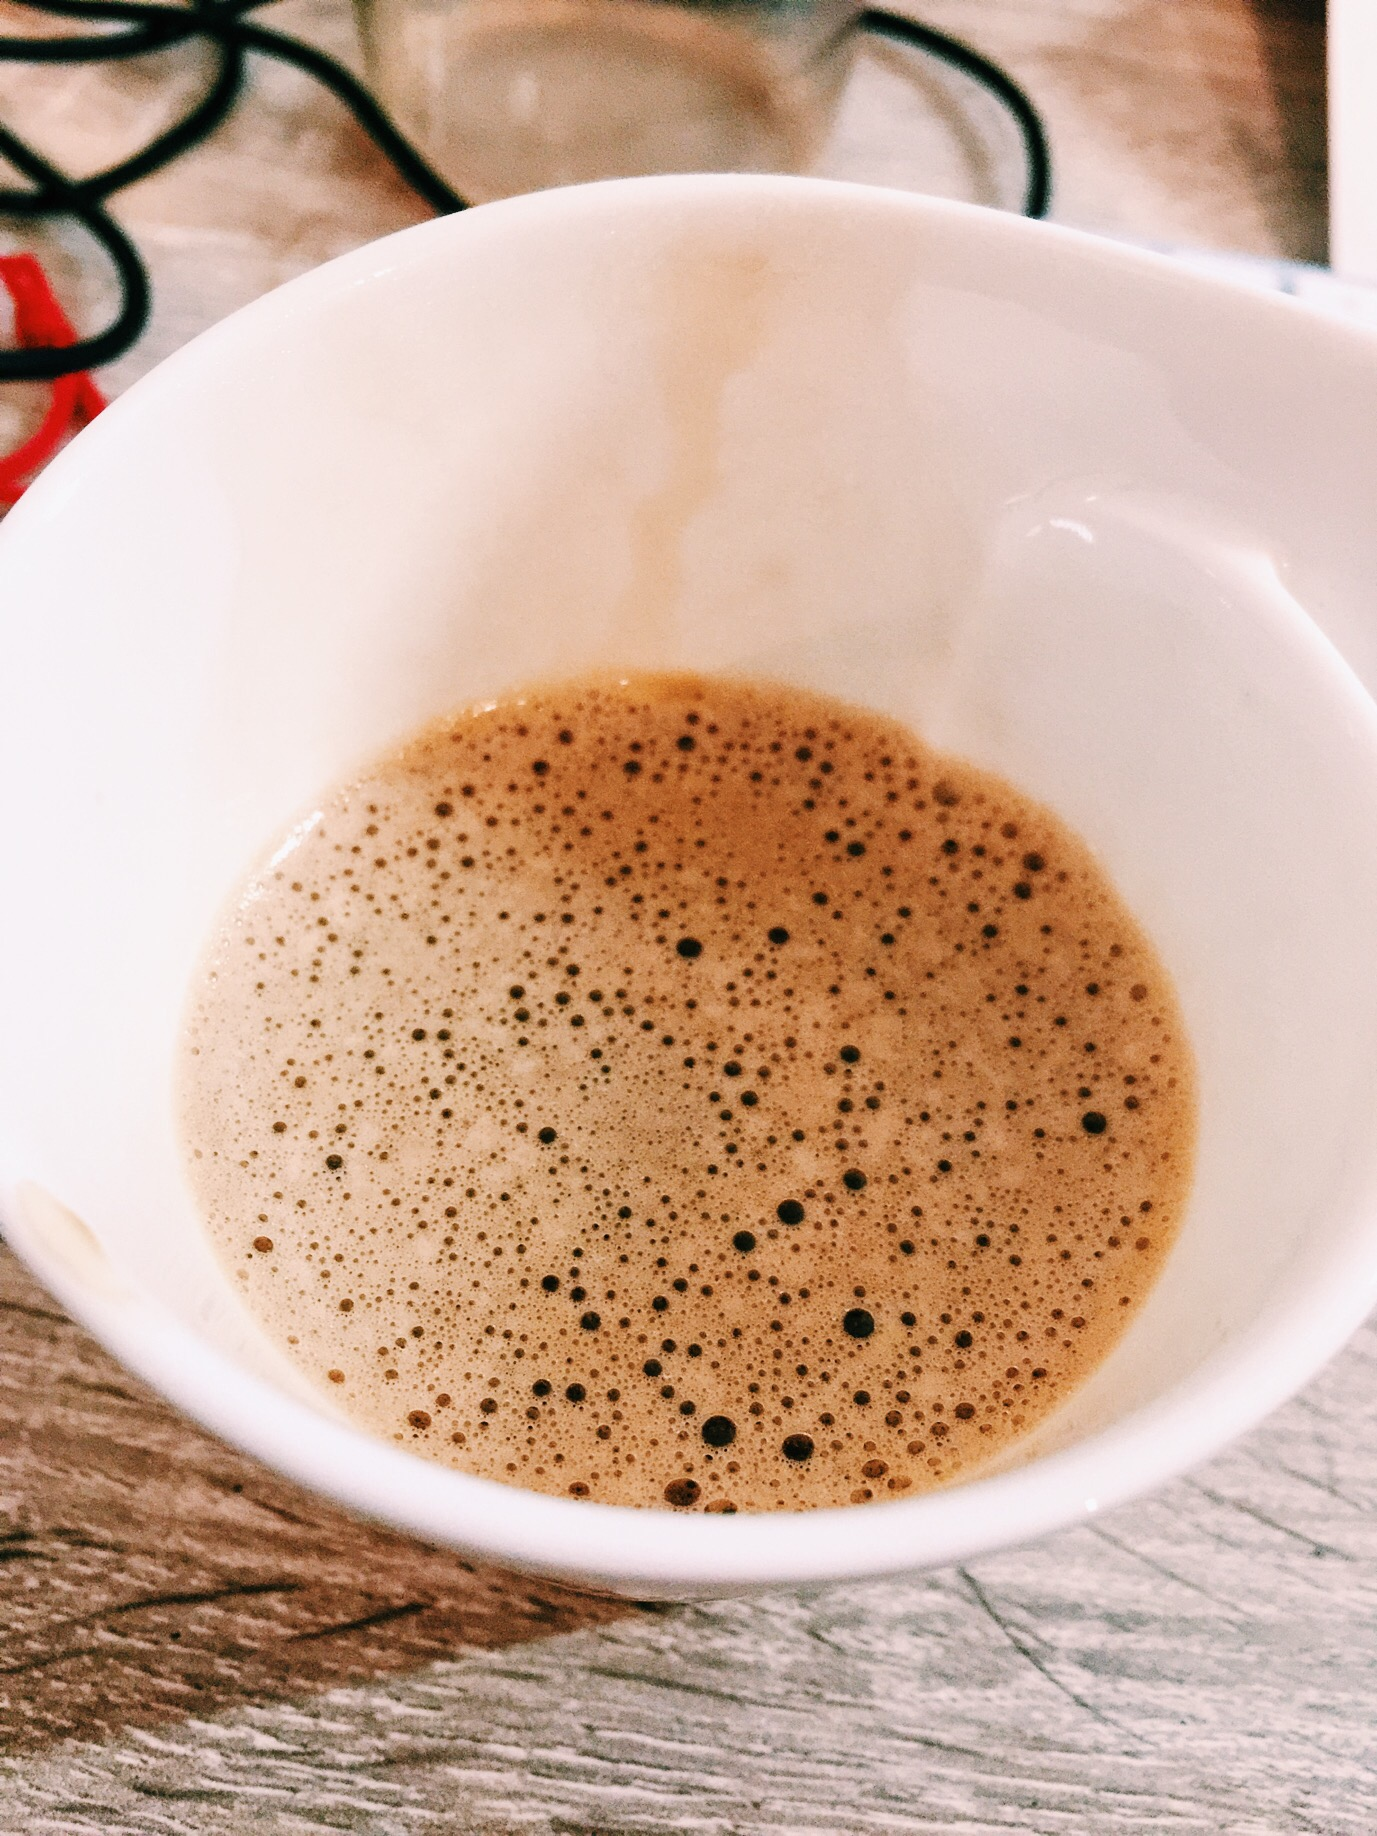 珈琲きゃろっと 初回限定!おためしセット マンデリン・スマトラタイガー 完全無欠なコーヒー探求家 完全無欠コーヒー